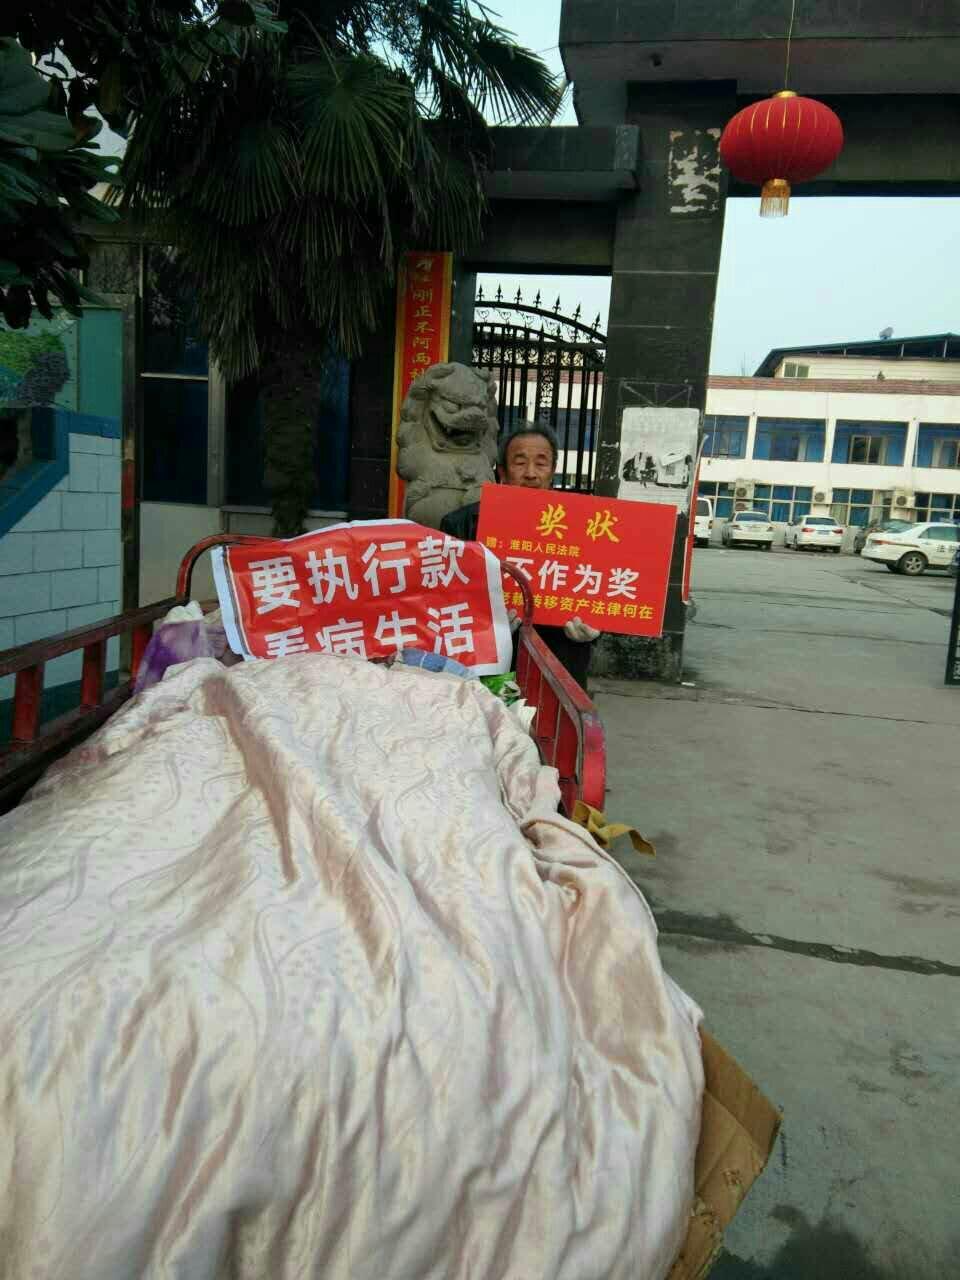 实名举报河南省淮阳县法院帮老赖转移资产天理何在